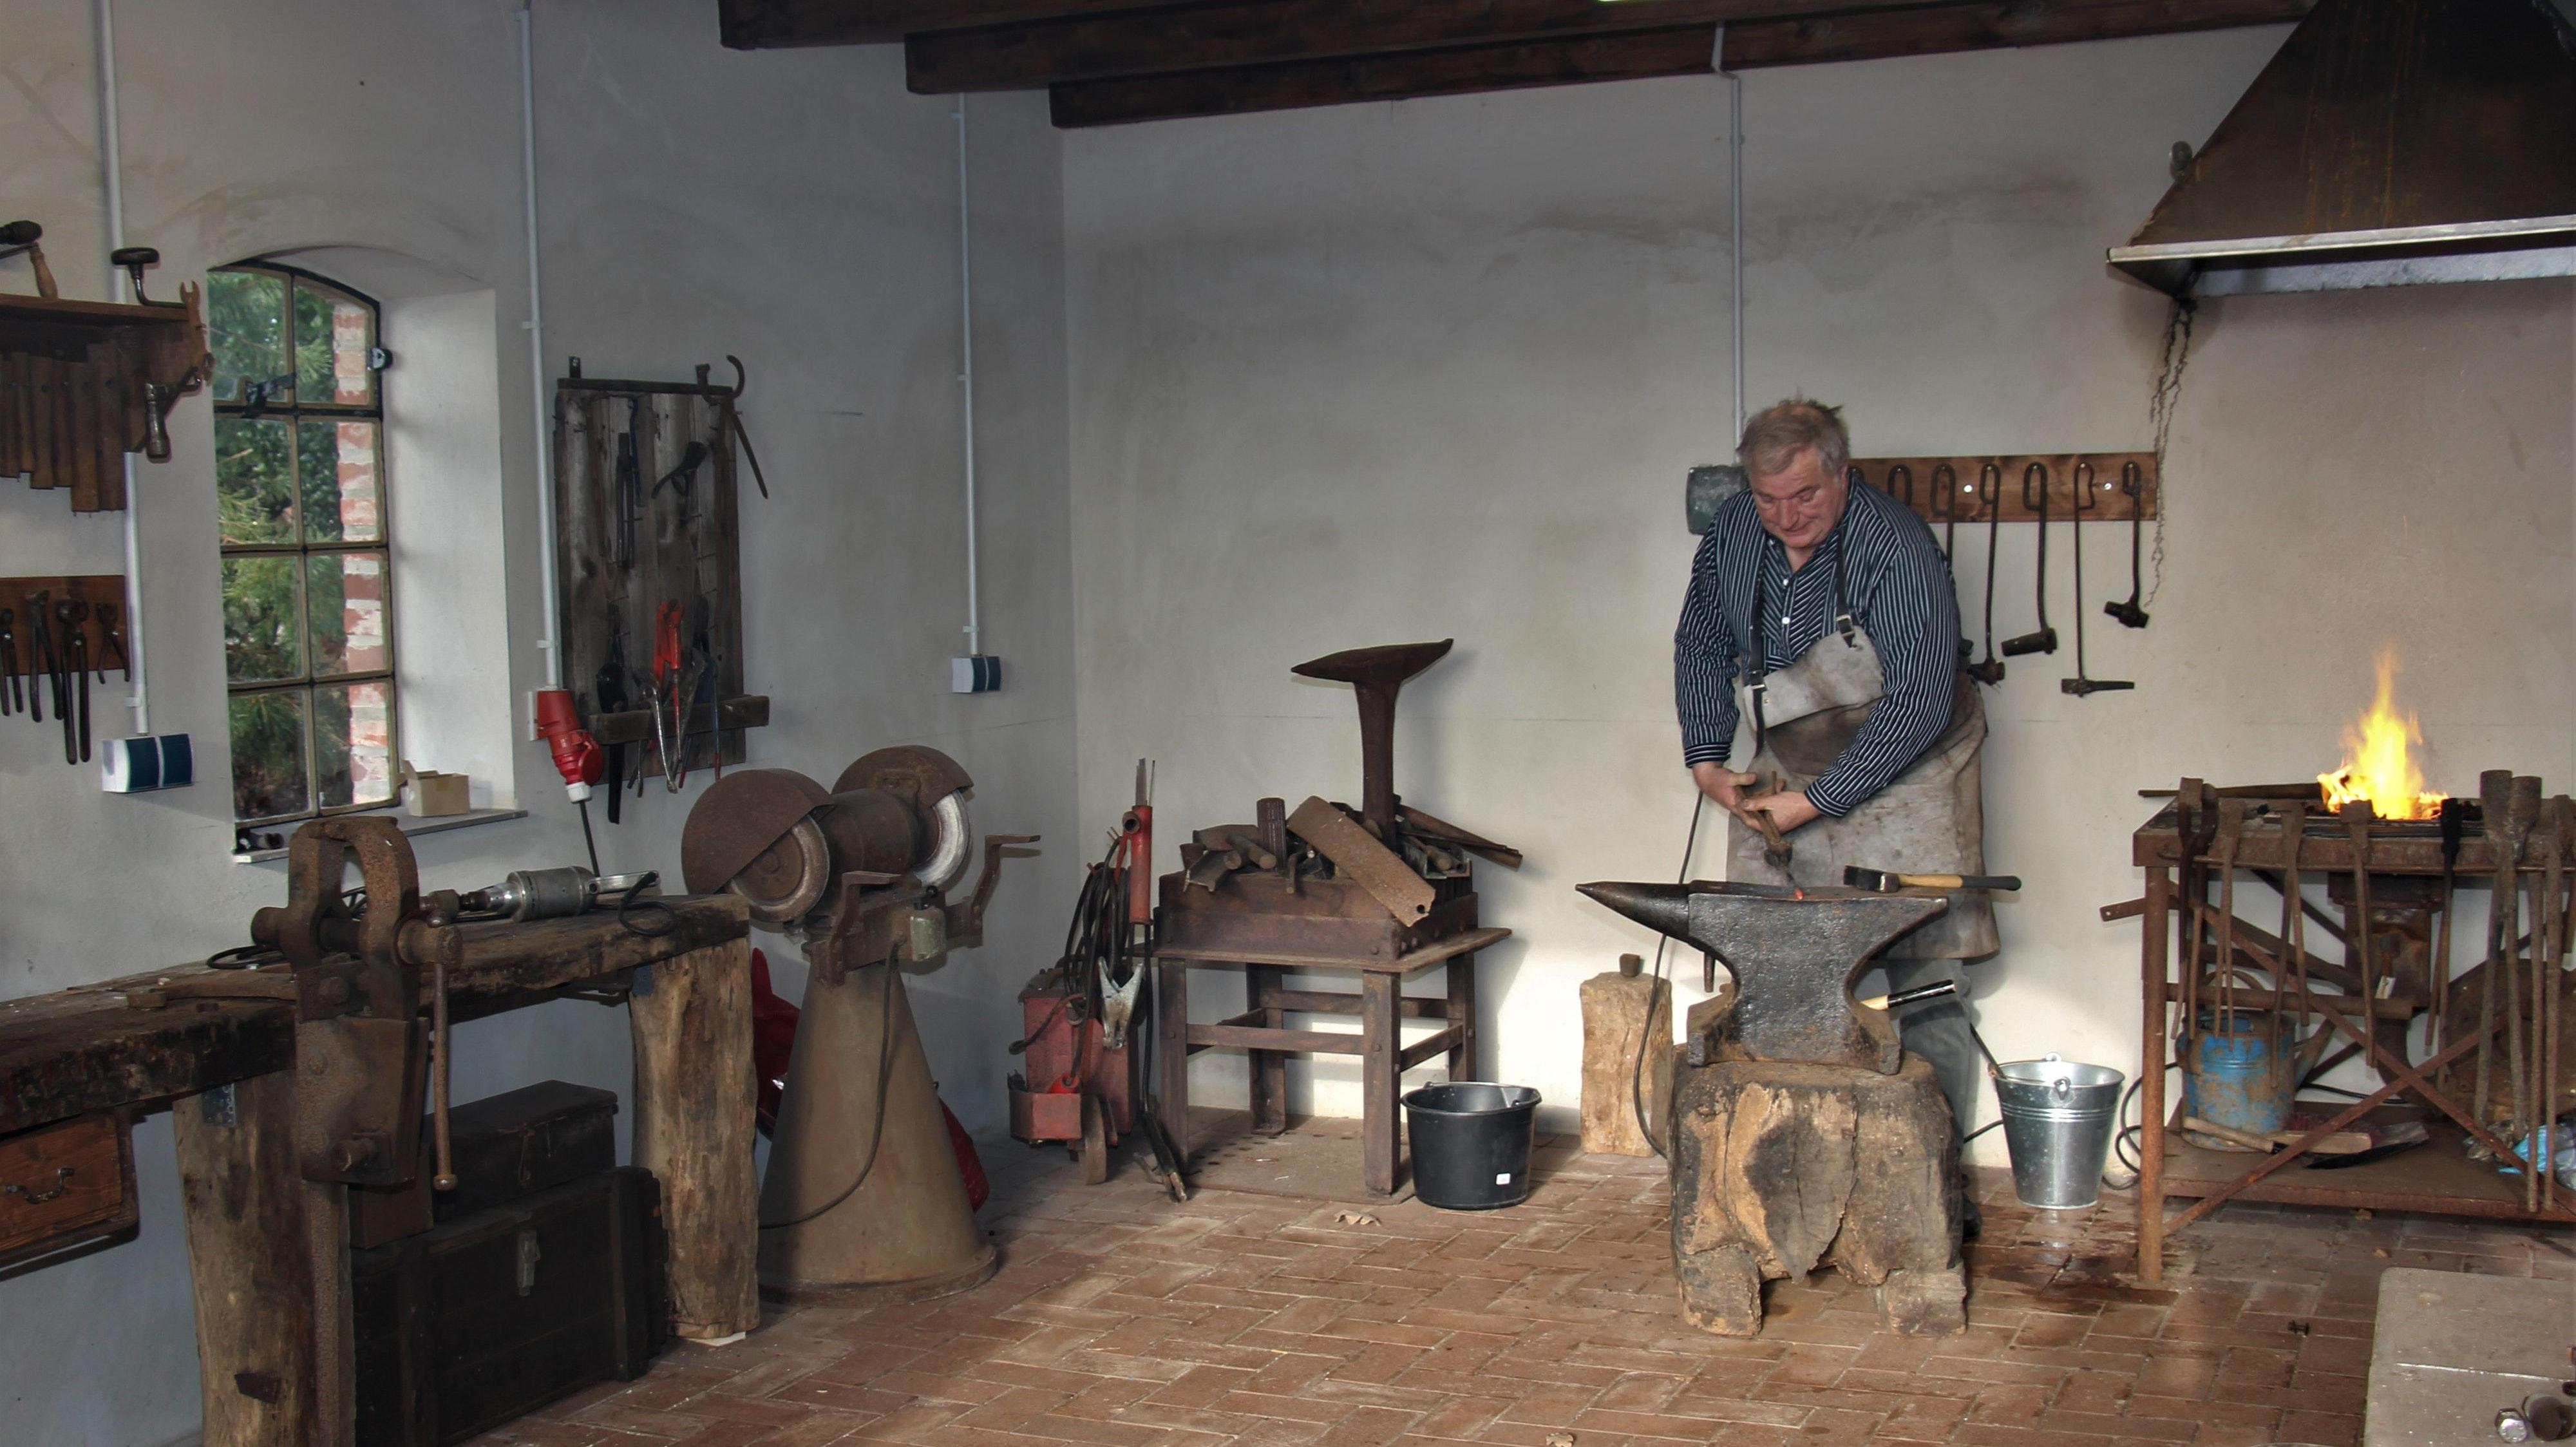 Das Schmiedefeuer lodert: Willi Immken formt die ersten Objekte aus dem weißglühenden Eisen am Amboss. Foto: Wilhelm Funke <br>